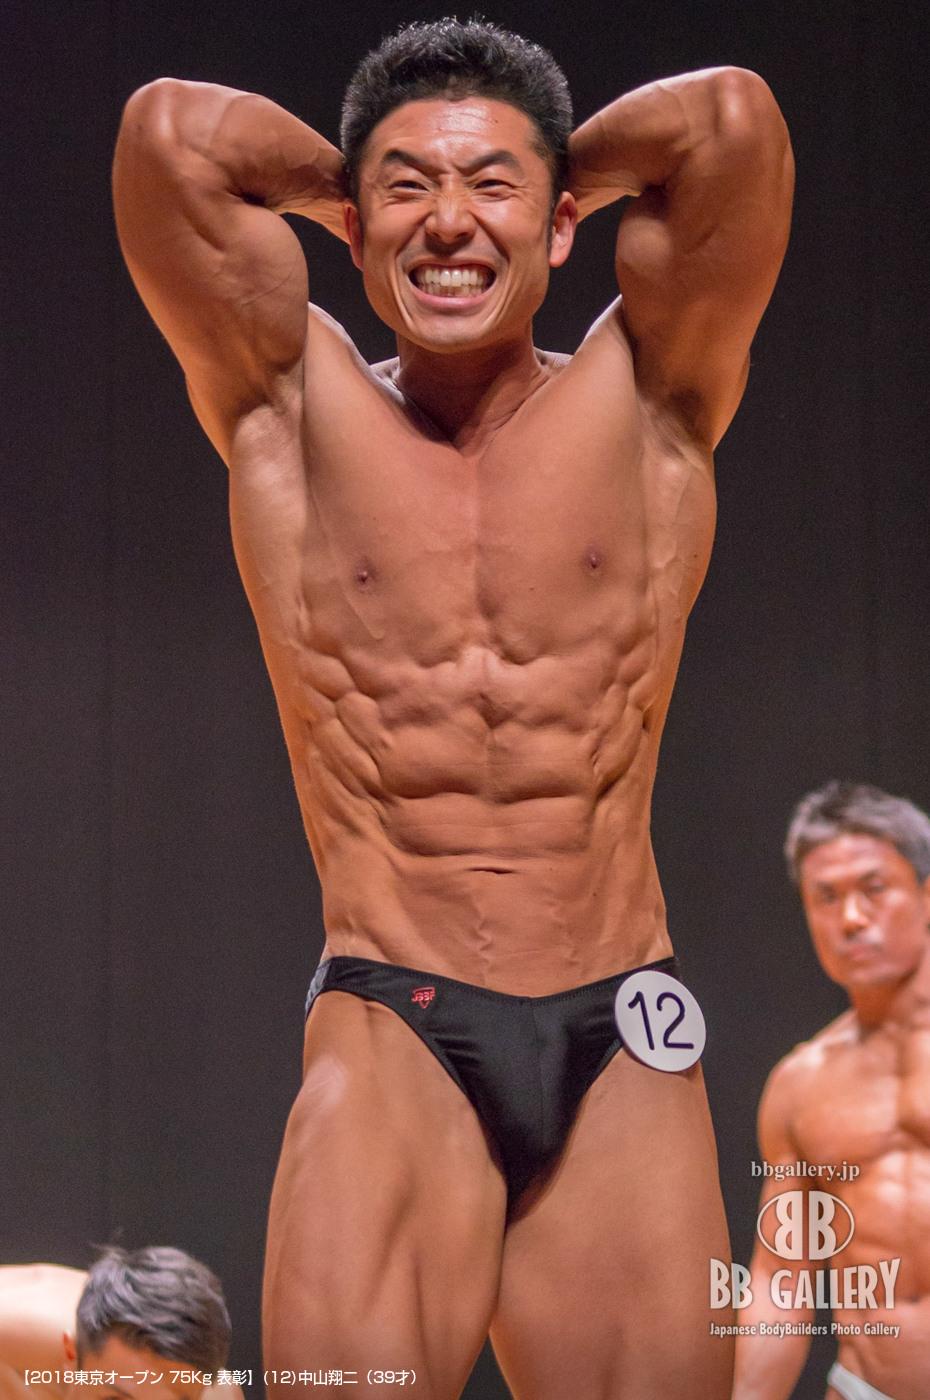 【2018東京オープン 75Kg 表彰】(12)中山翔二(39才)